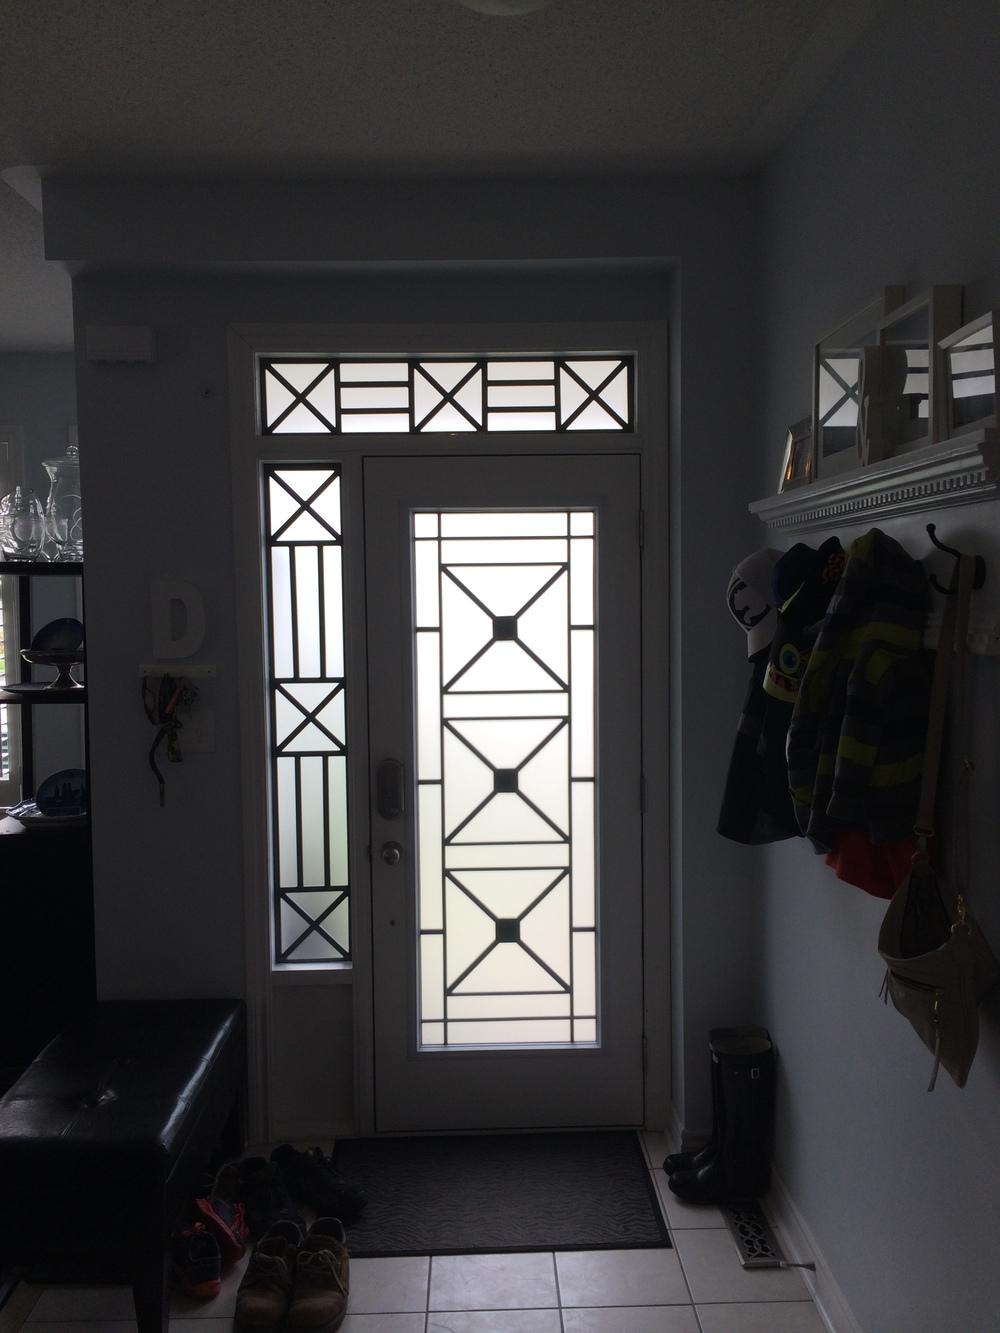 Century-Wrought-Iron-Glass-Door-Inserts-Hamilton-Ontario